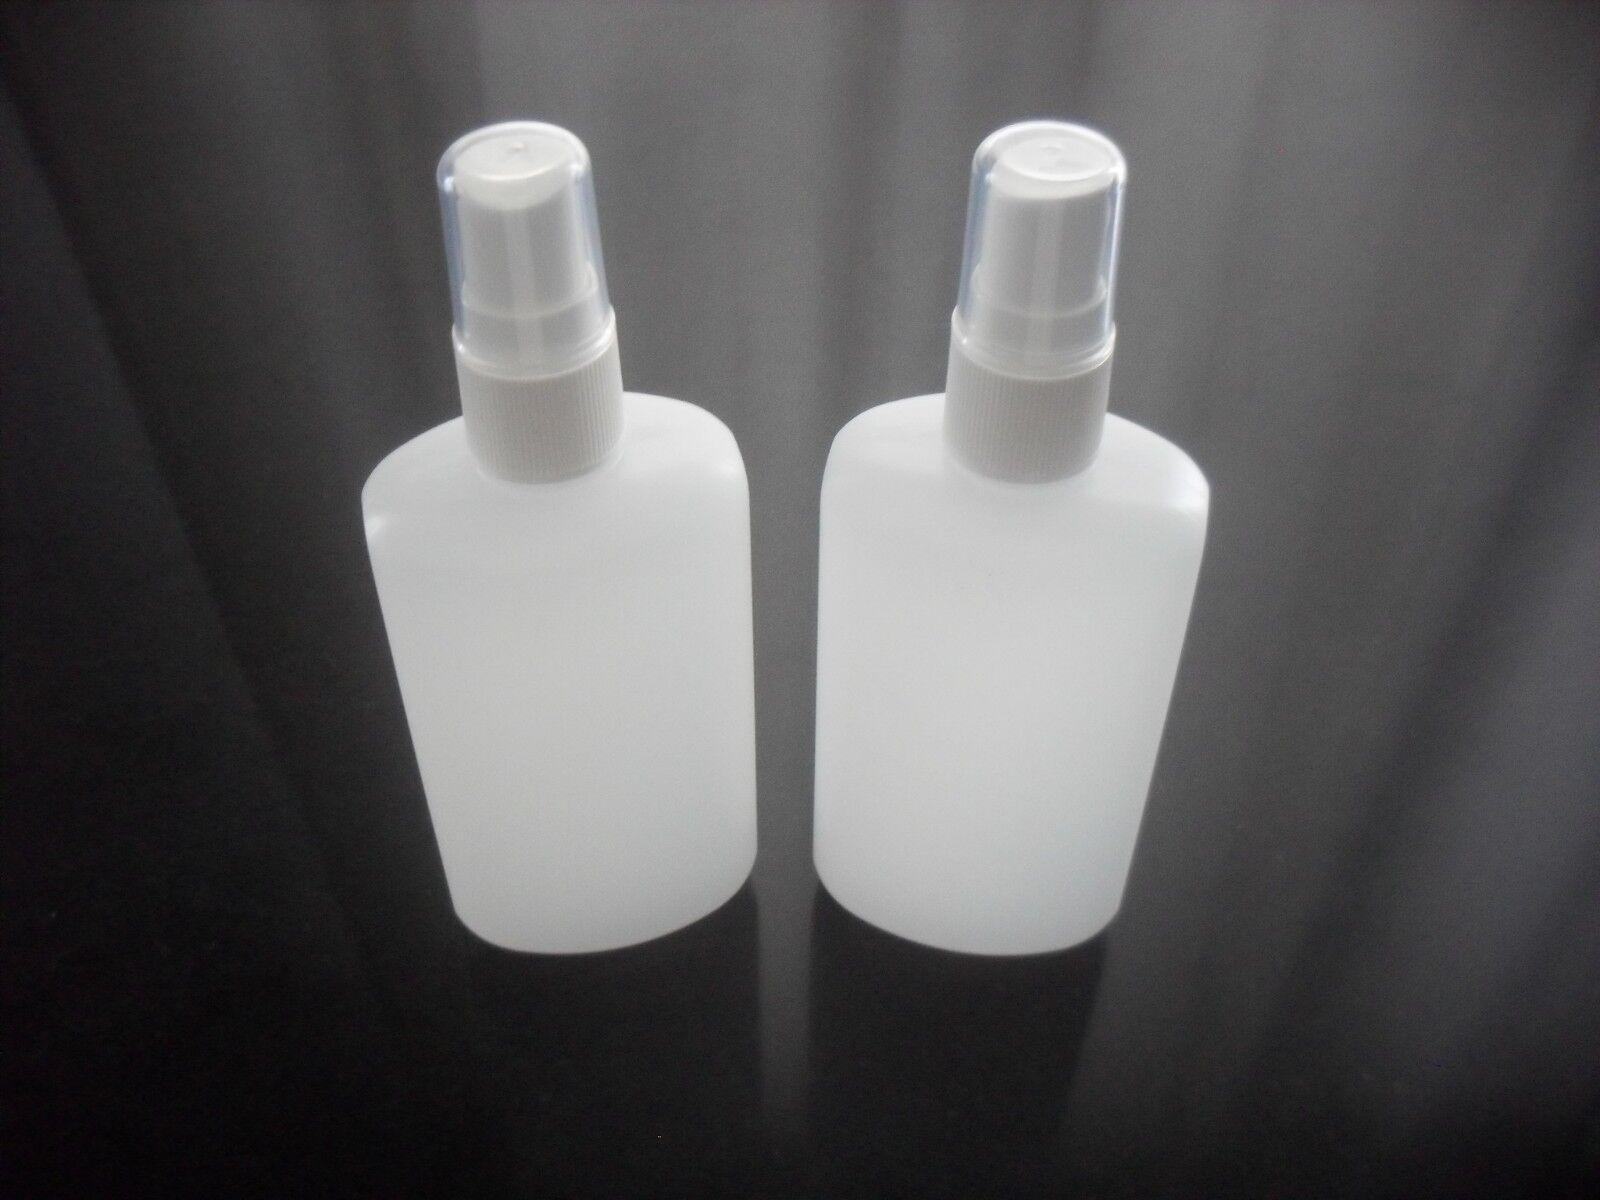 2 x Sprühflasche Zerstäuber Fingerzerstäuber 100 ml weiß